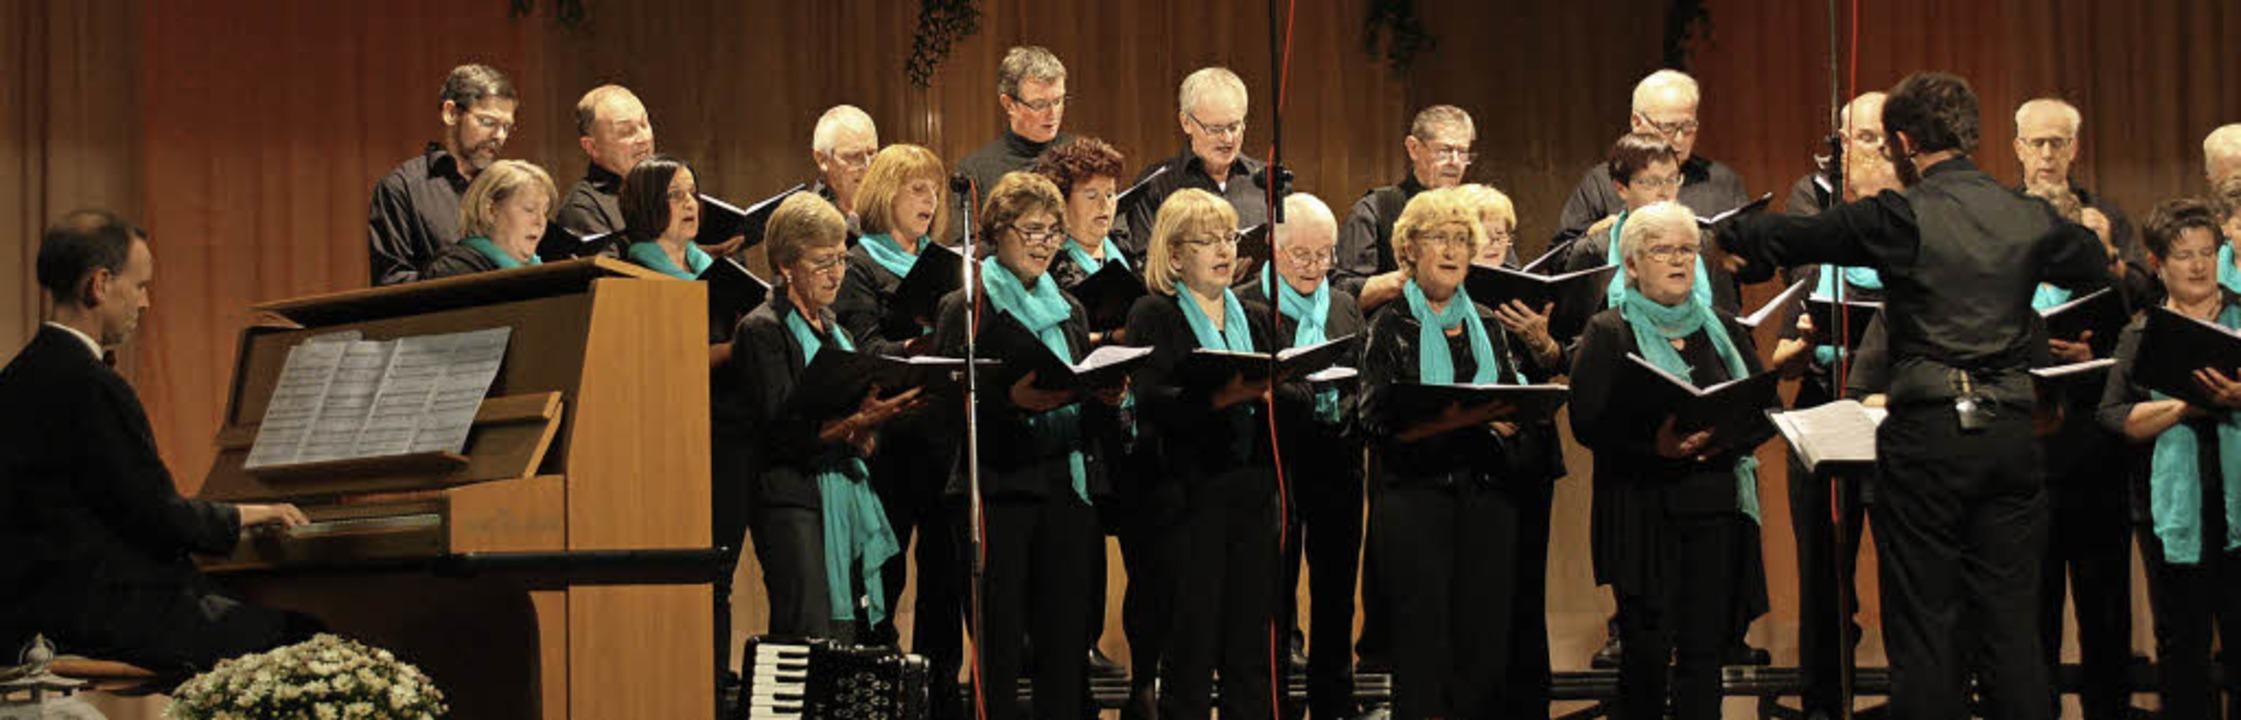 Der Chor des Gesangvereins Kaiserstuhl...n Bischof. Am Klavier Christian Nagel.  | Foto: Christiane Franz